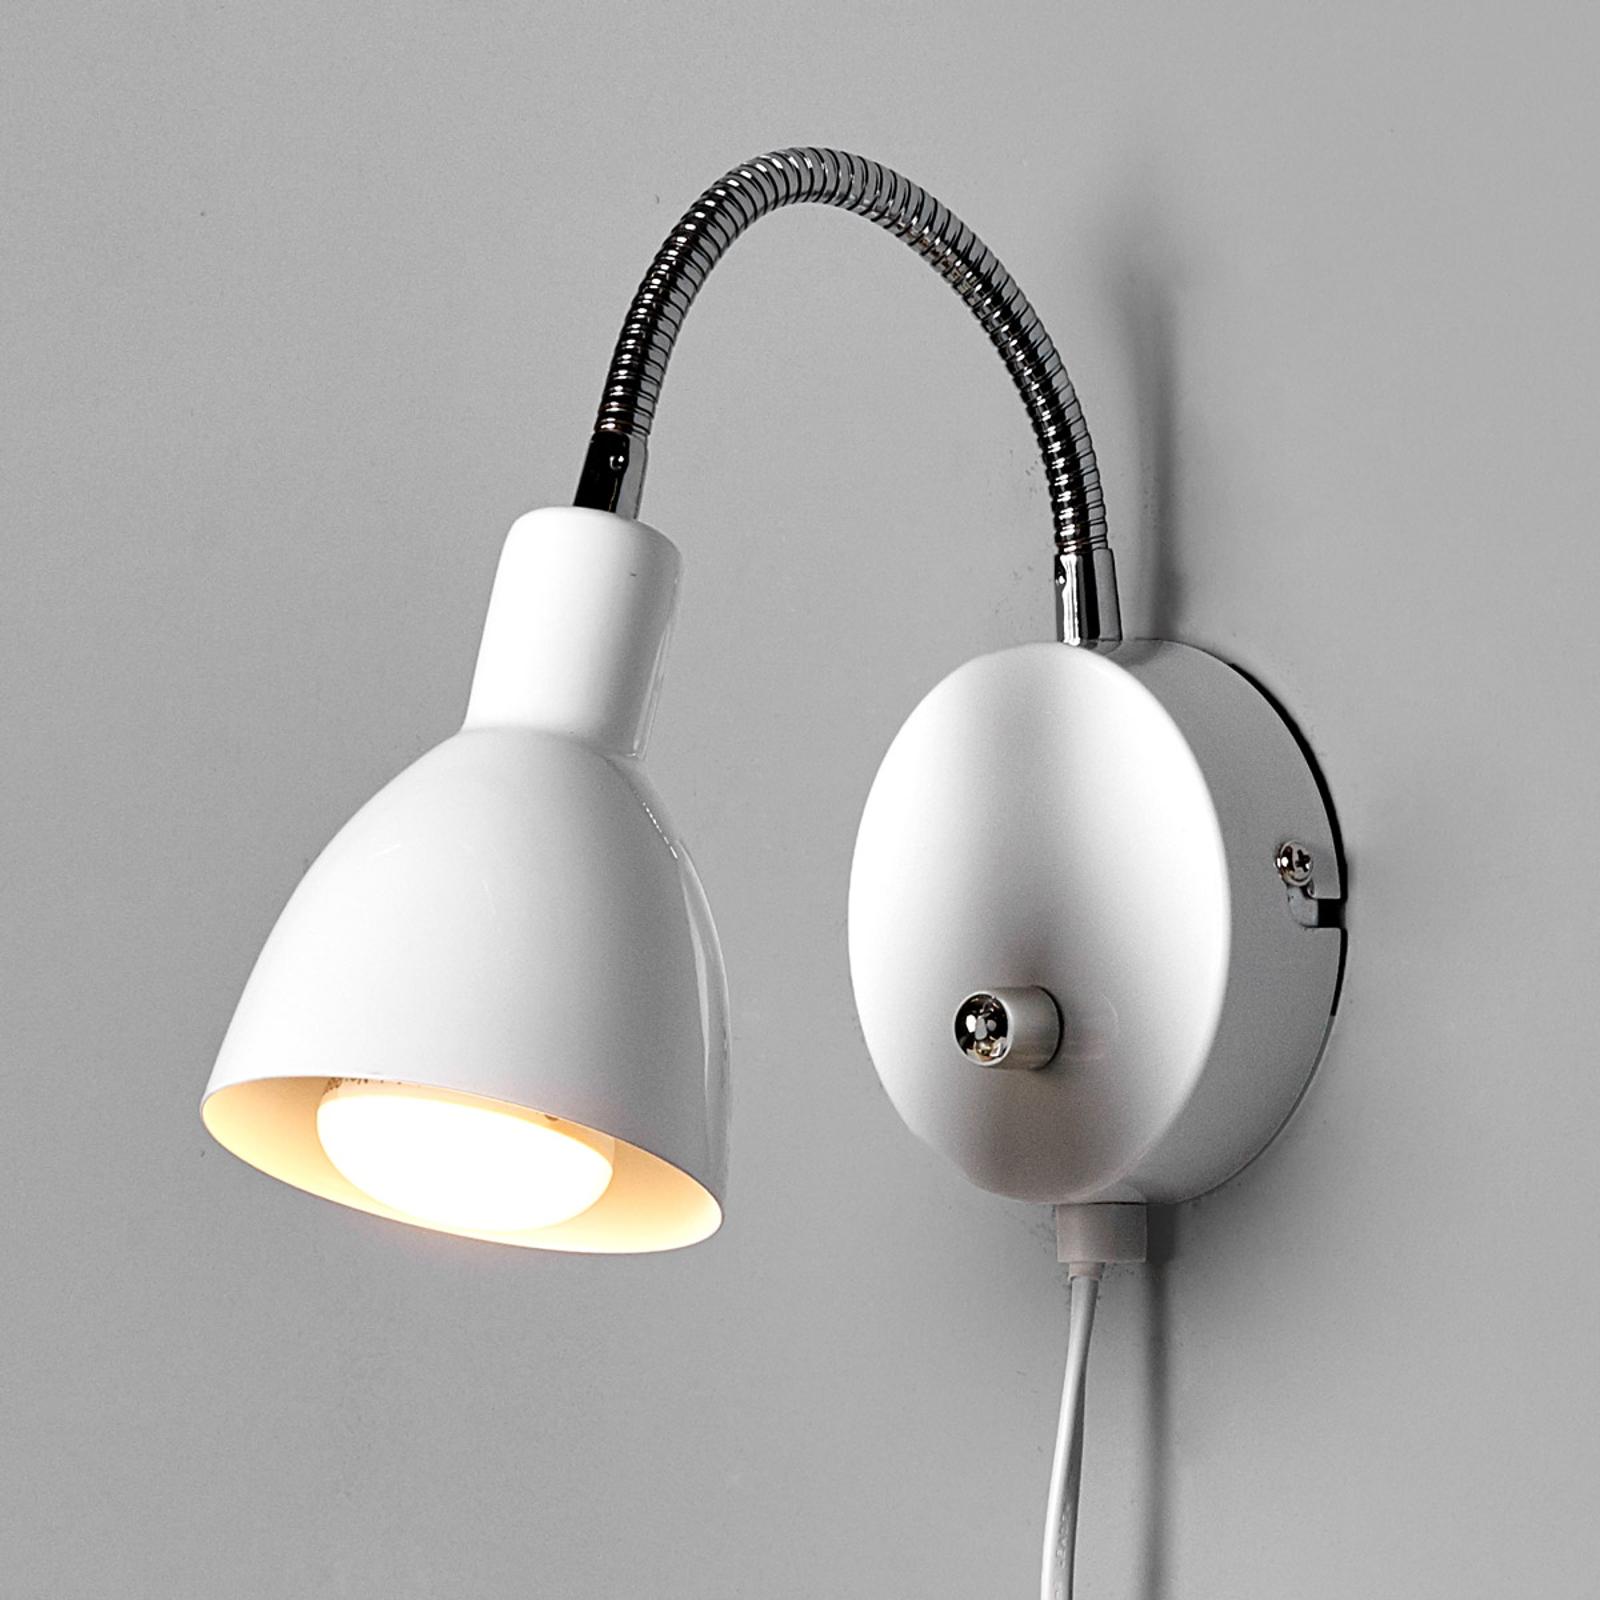 Hvid metal væglampe Amrei med lysdæmper